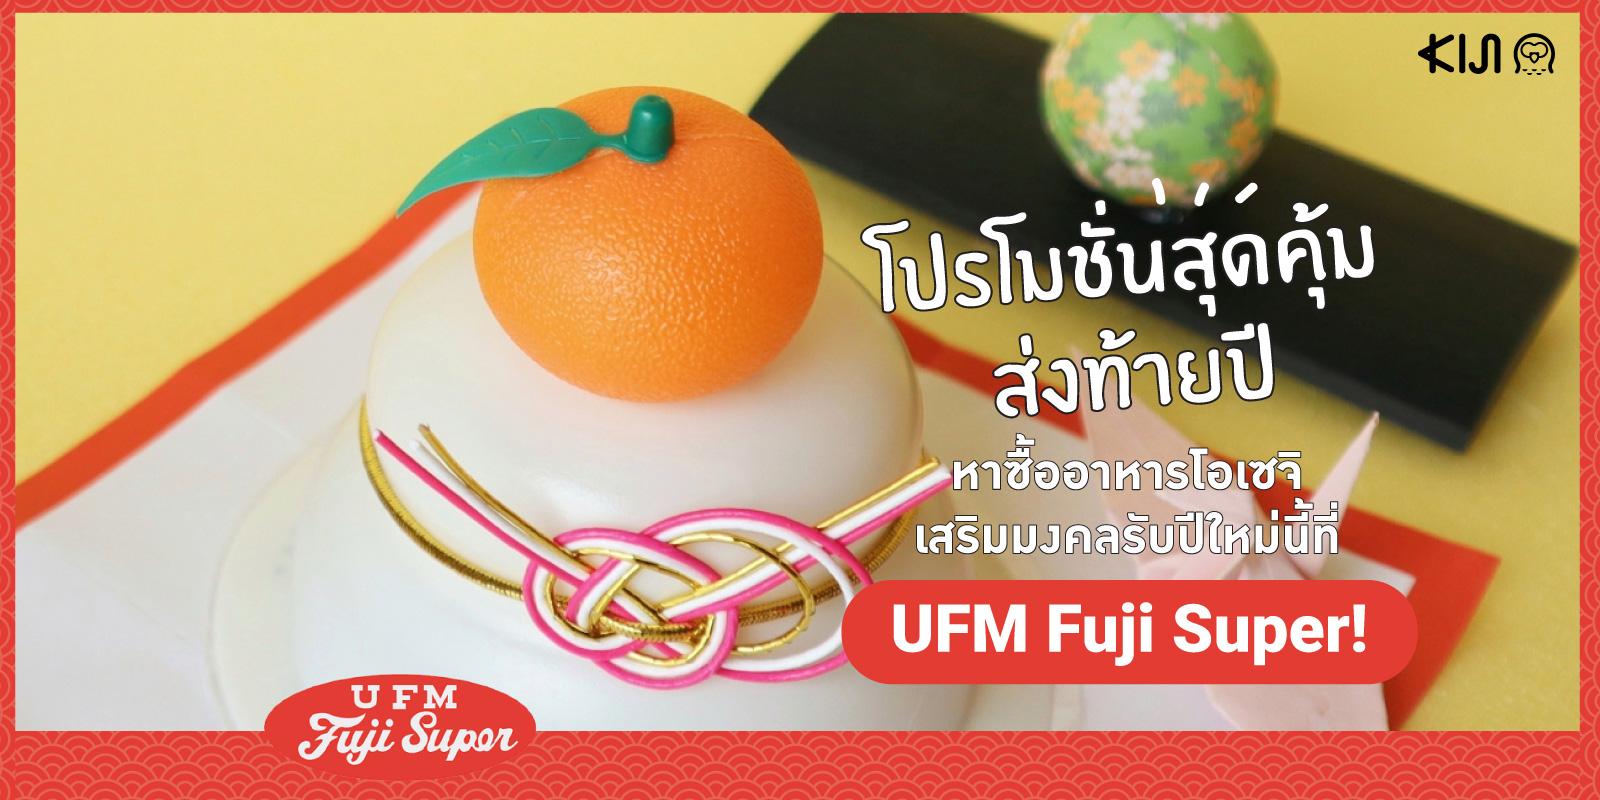 ยูเอฟเอ็ม ฟูจิซูเปอร์ (UFM Fuji Super) ซูเปอร์มาร์เก็ตที่รวมสินค้าญี่ปุ่นเยอะที่สุดในเมืองไทย